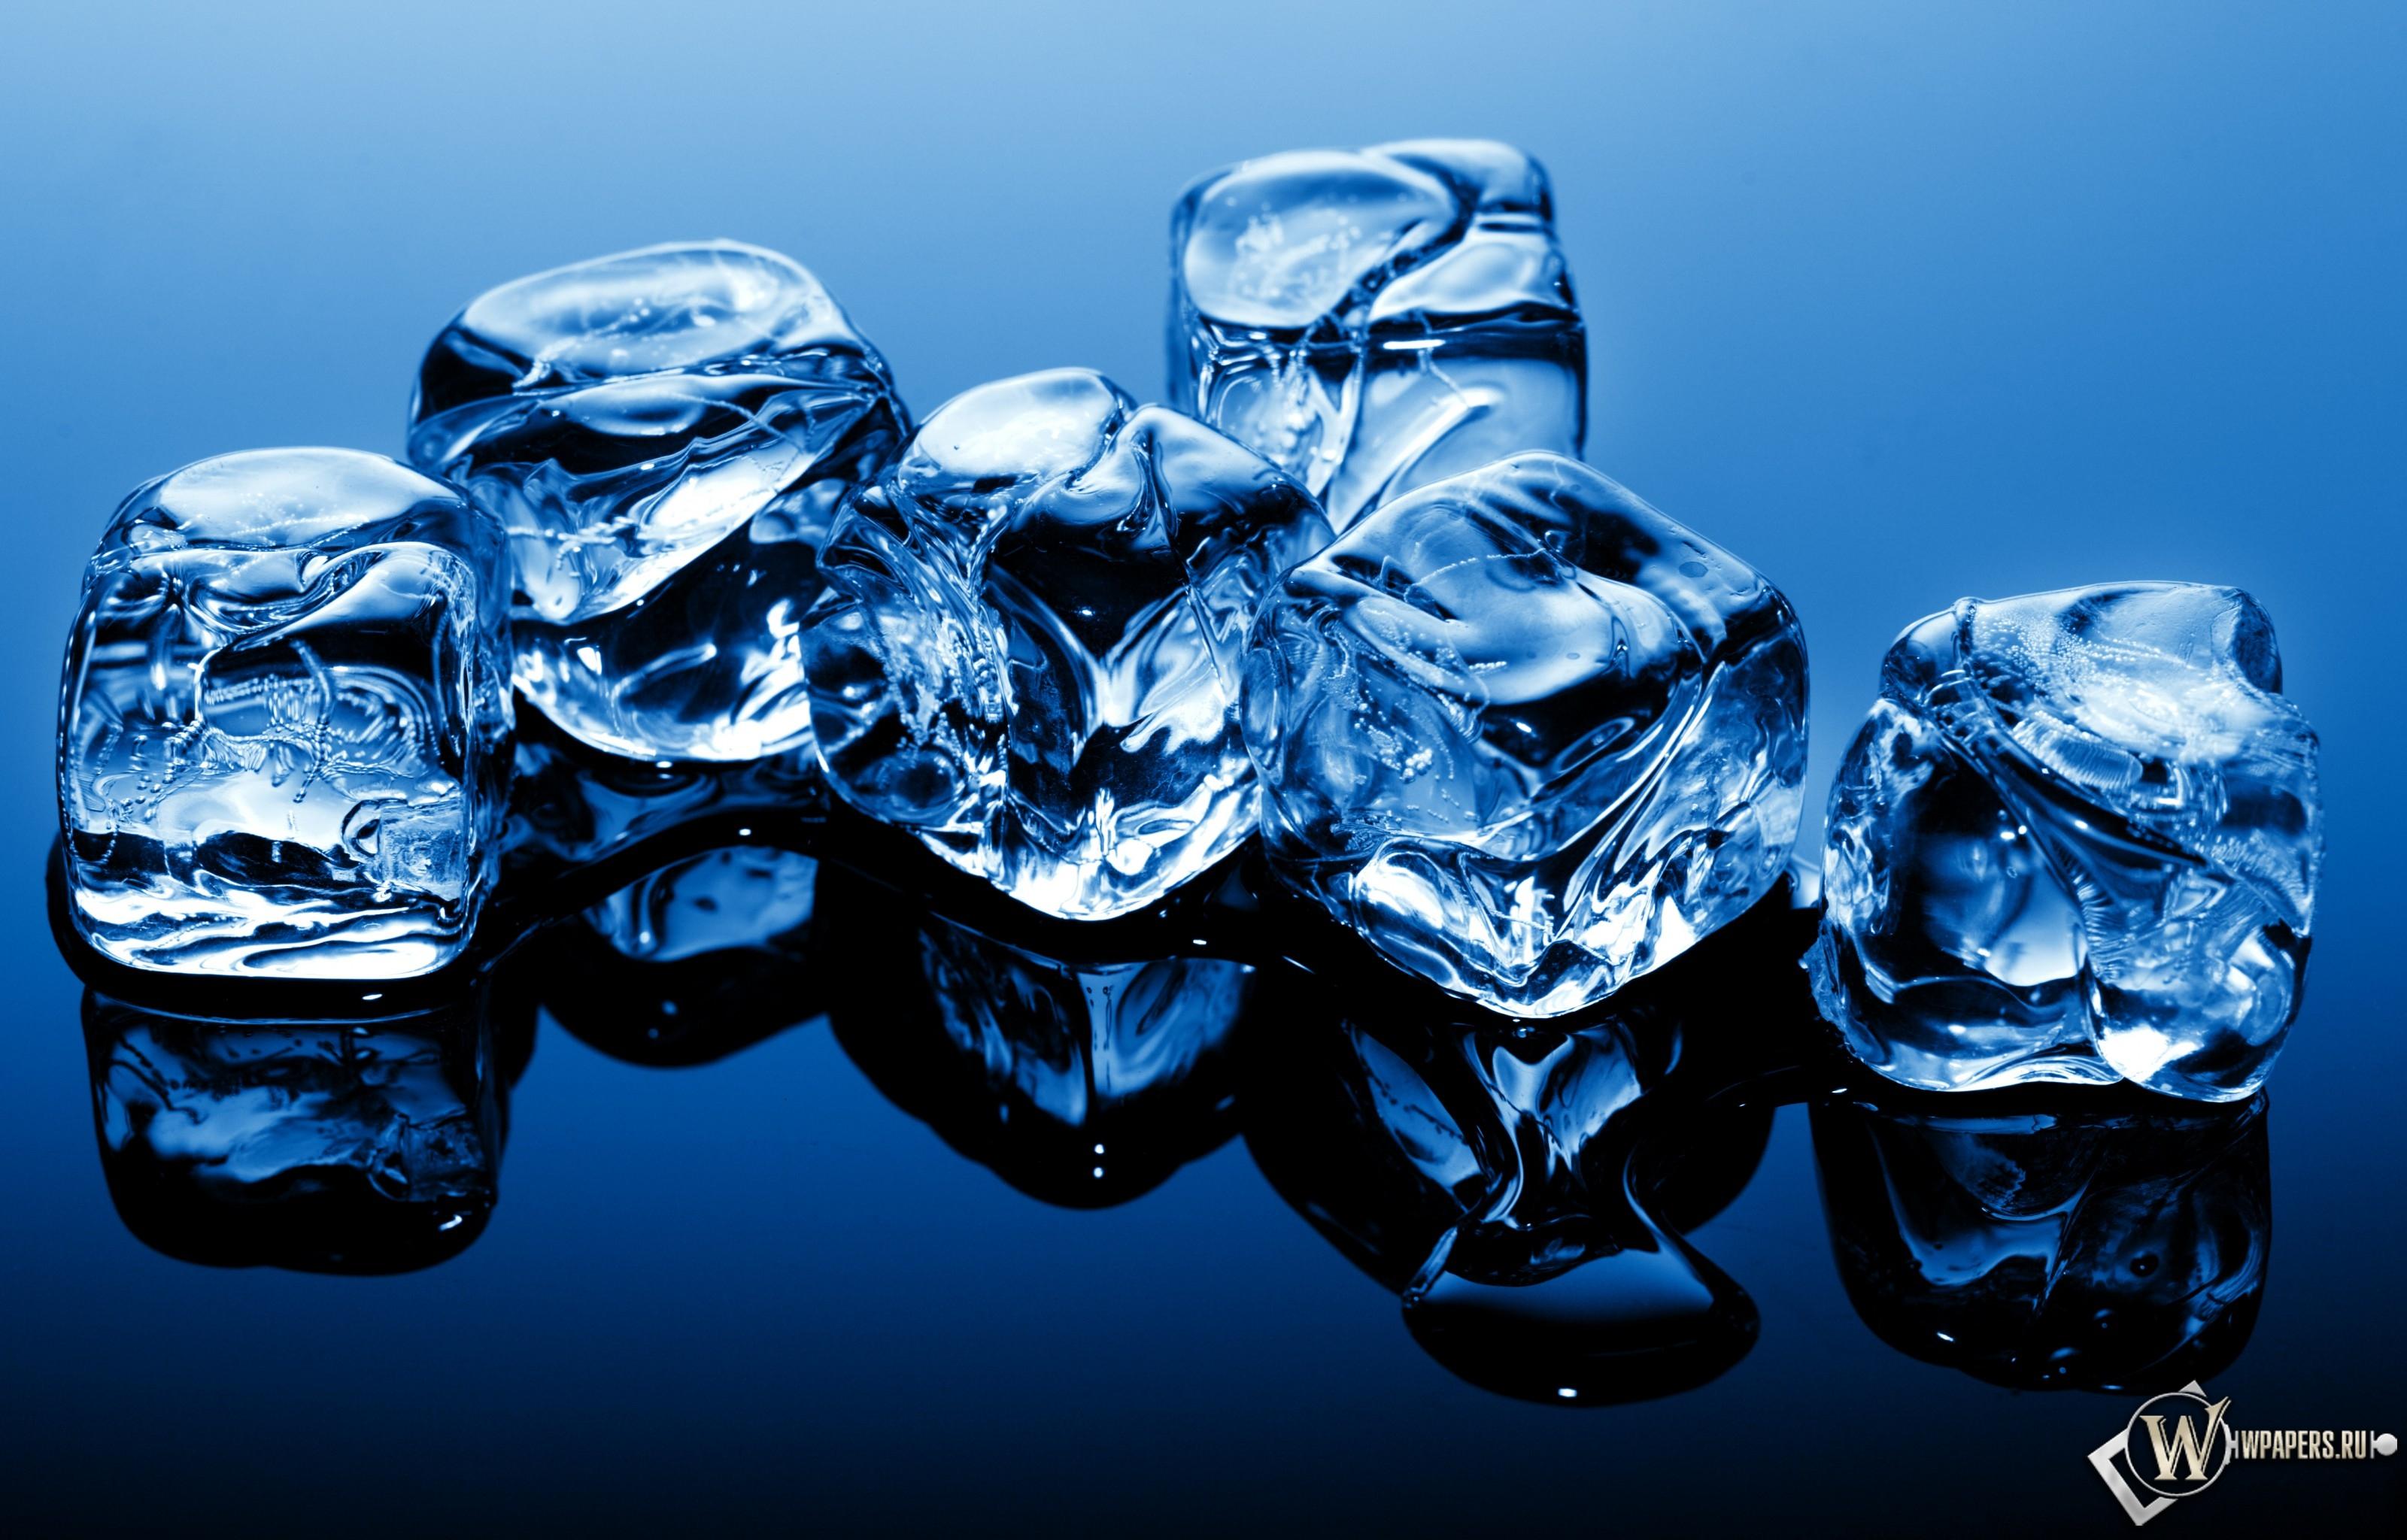 Кубики льда 3200x2048